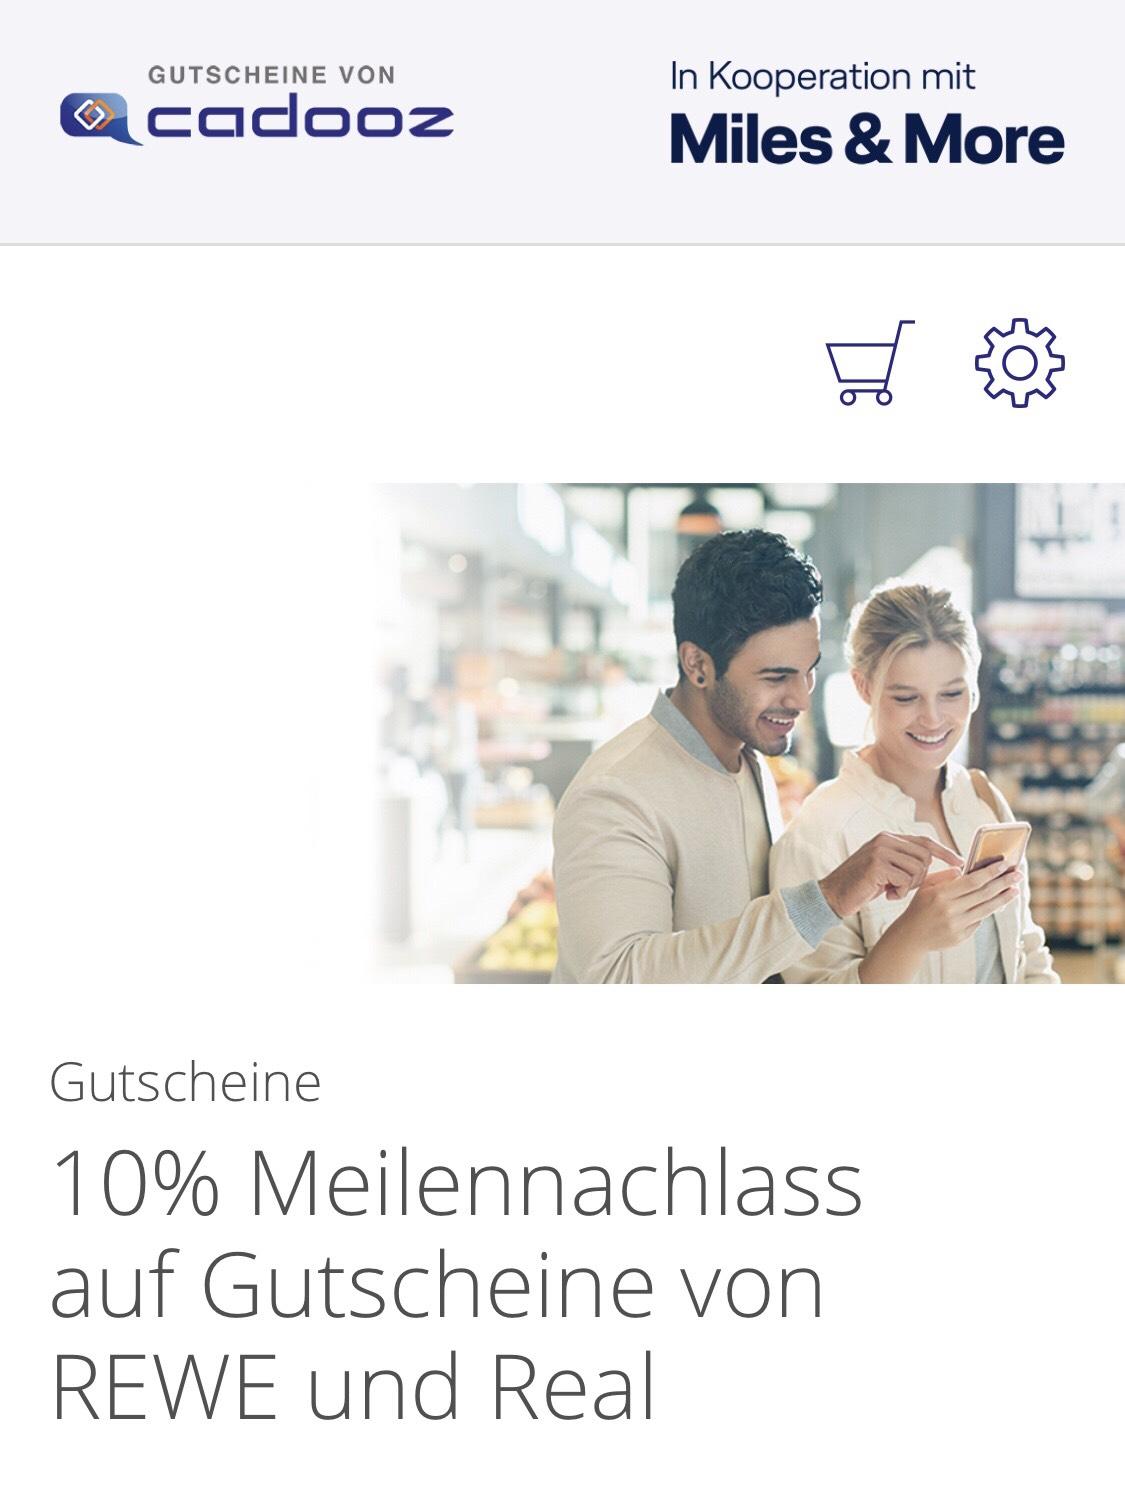 Miles&More: 10% Meilennachlass auf REWE & real.de-Gutscheine via cadooz